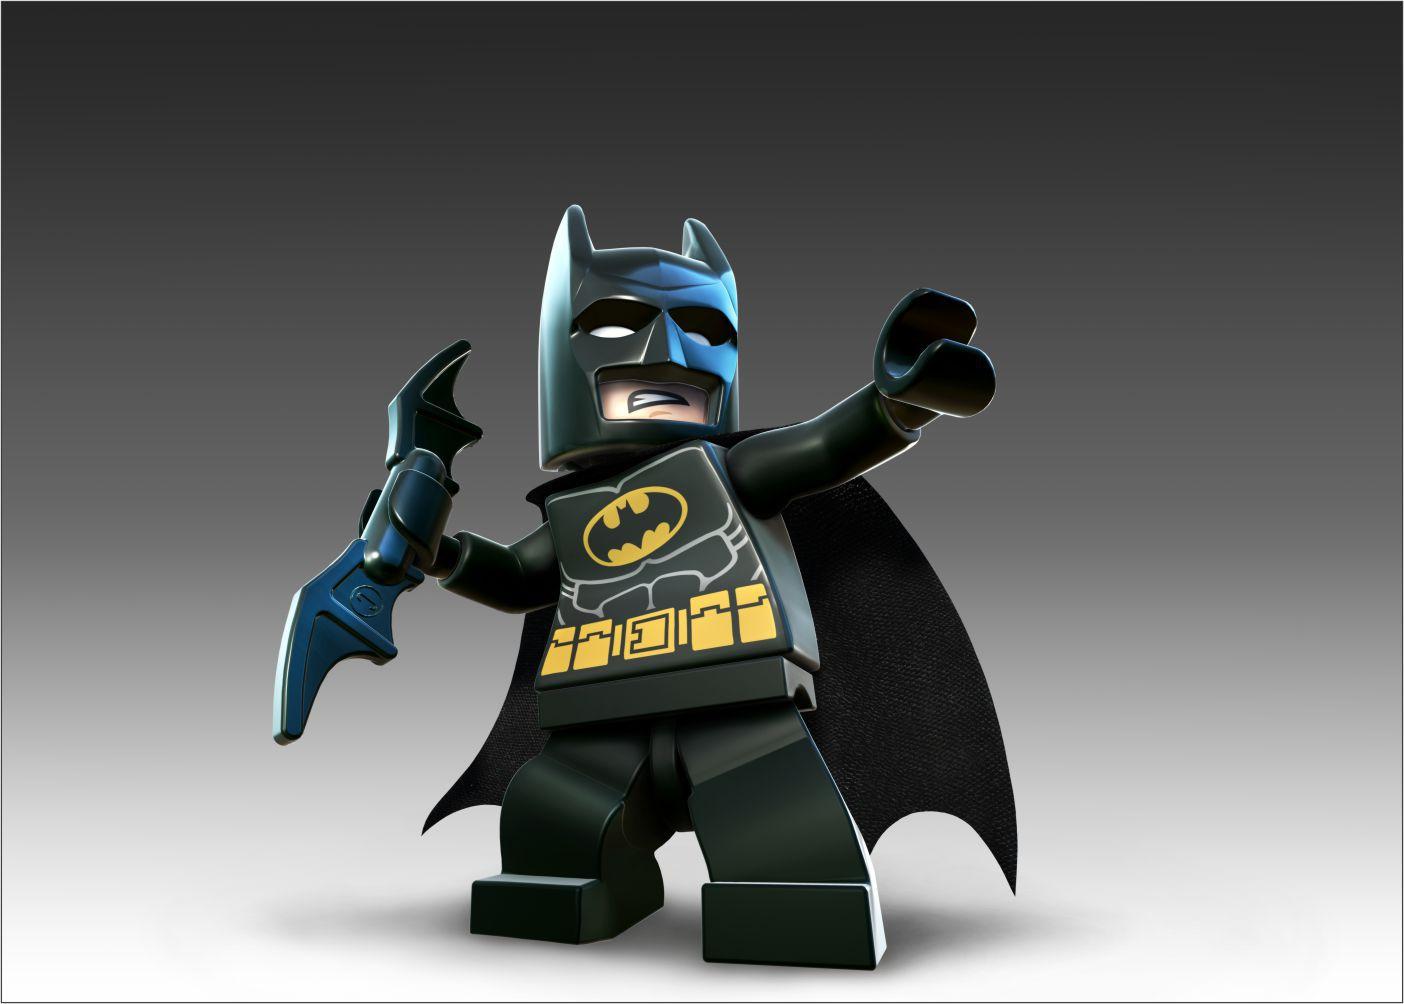 Papel de Parede Infantil Heróis lego 0006  - Paredes Decoradas